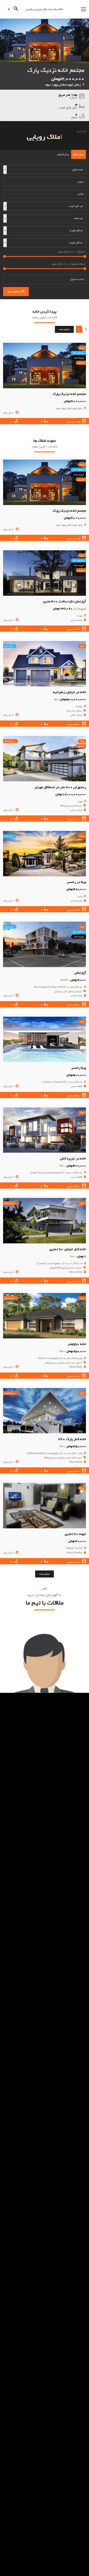 تصویر سایت اعتماد در حالت موبایل